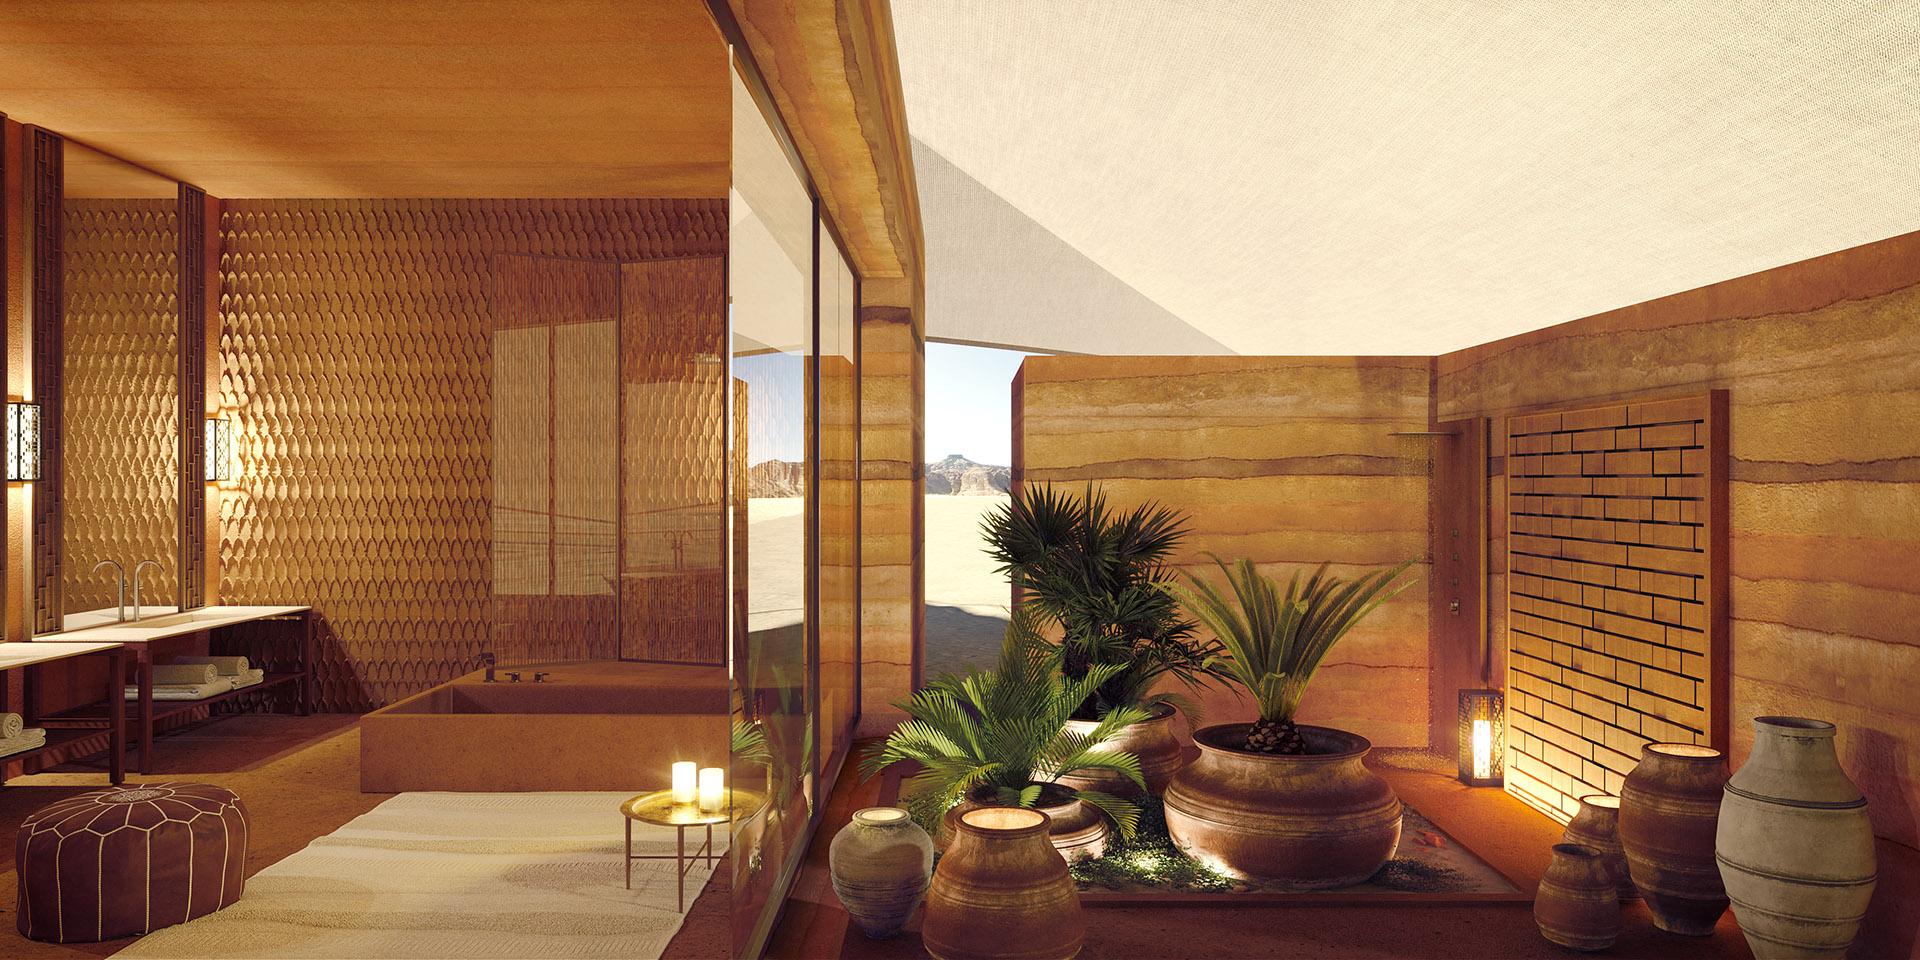 3D rendering of a luxury bathroom in a Moroccan villa